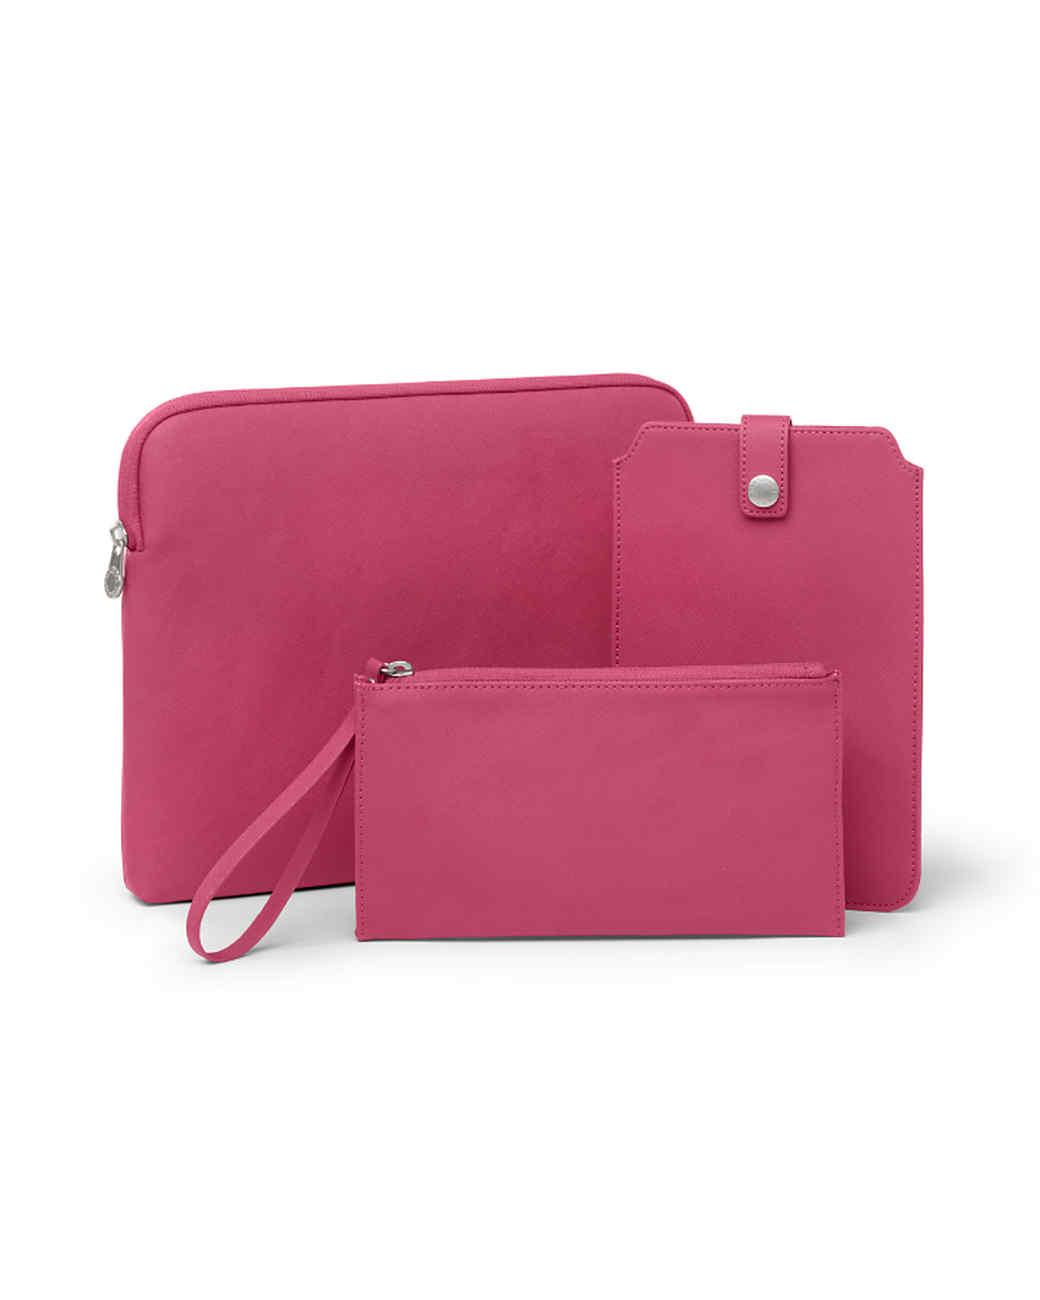 msho-pinkcases-mrkt-213.jpg